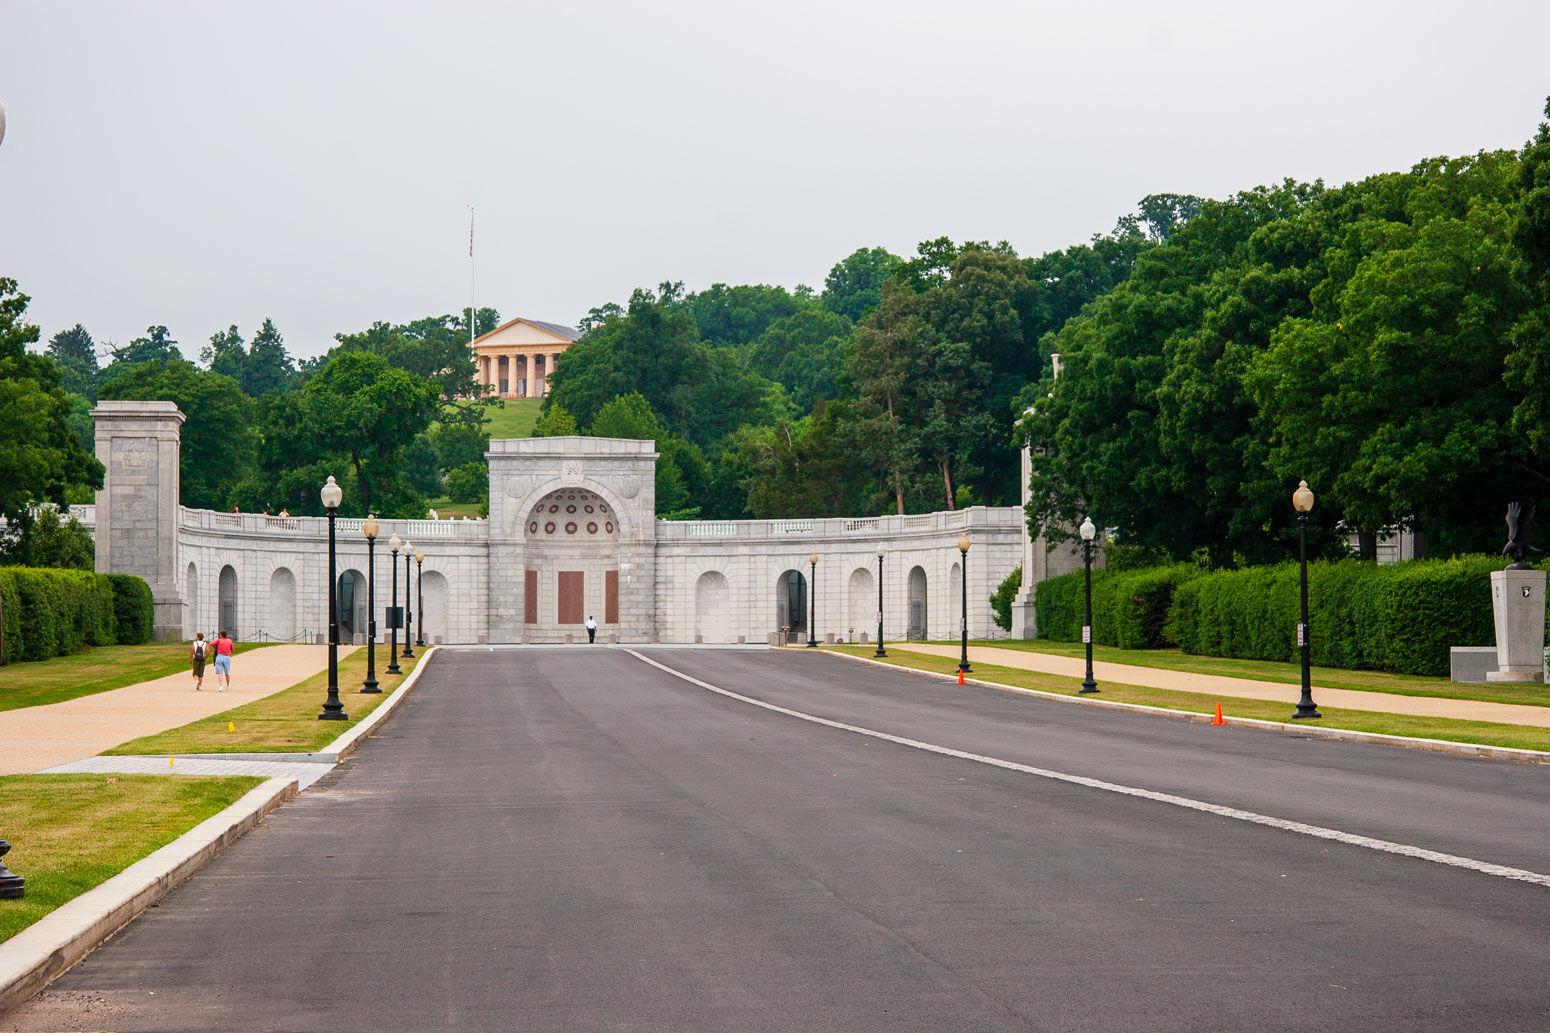 Arlington House & Arlington Cemetery